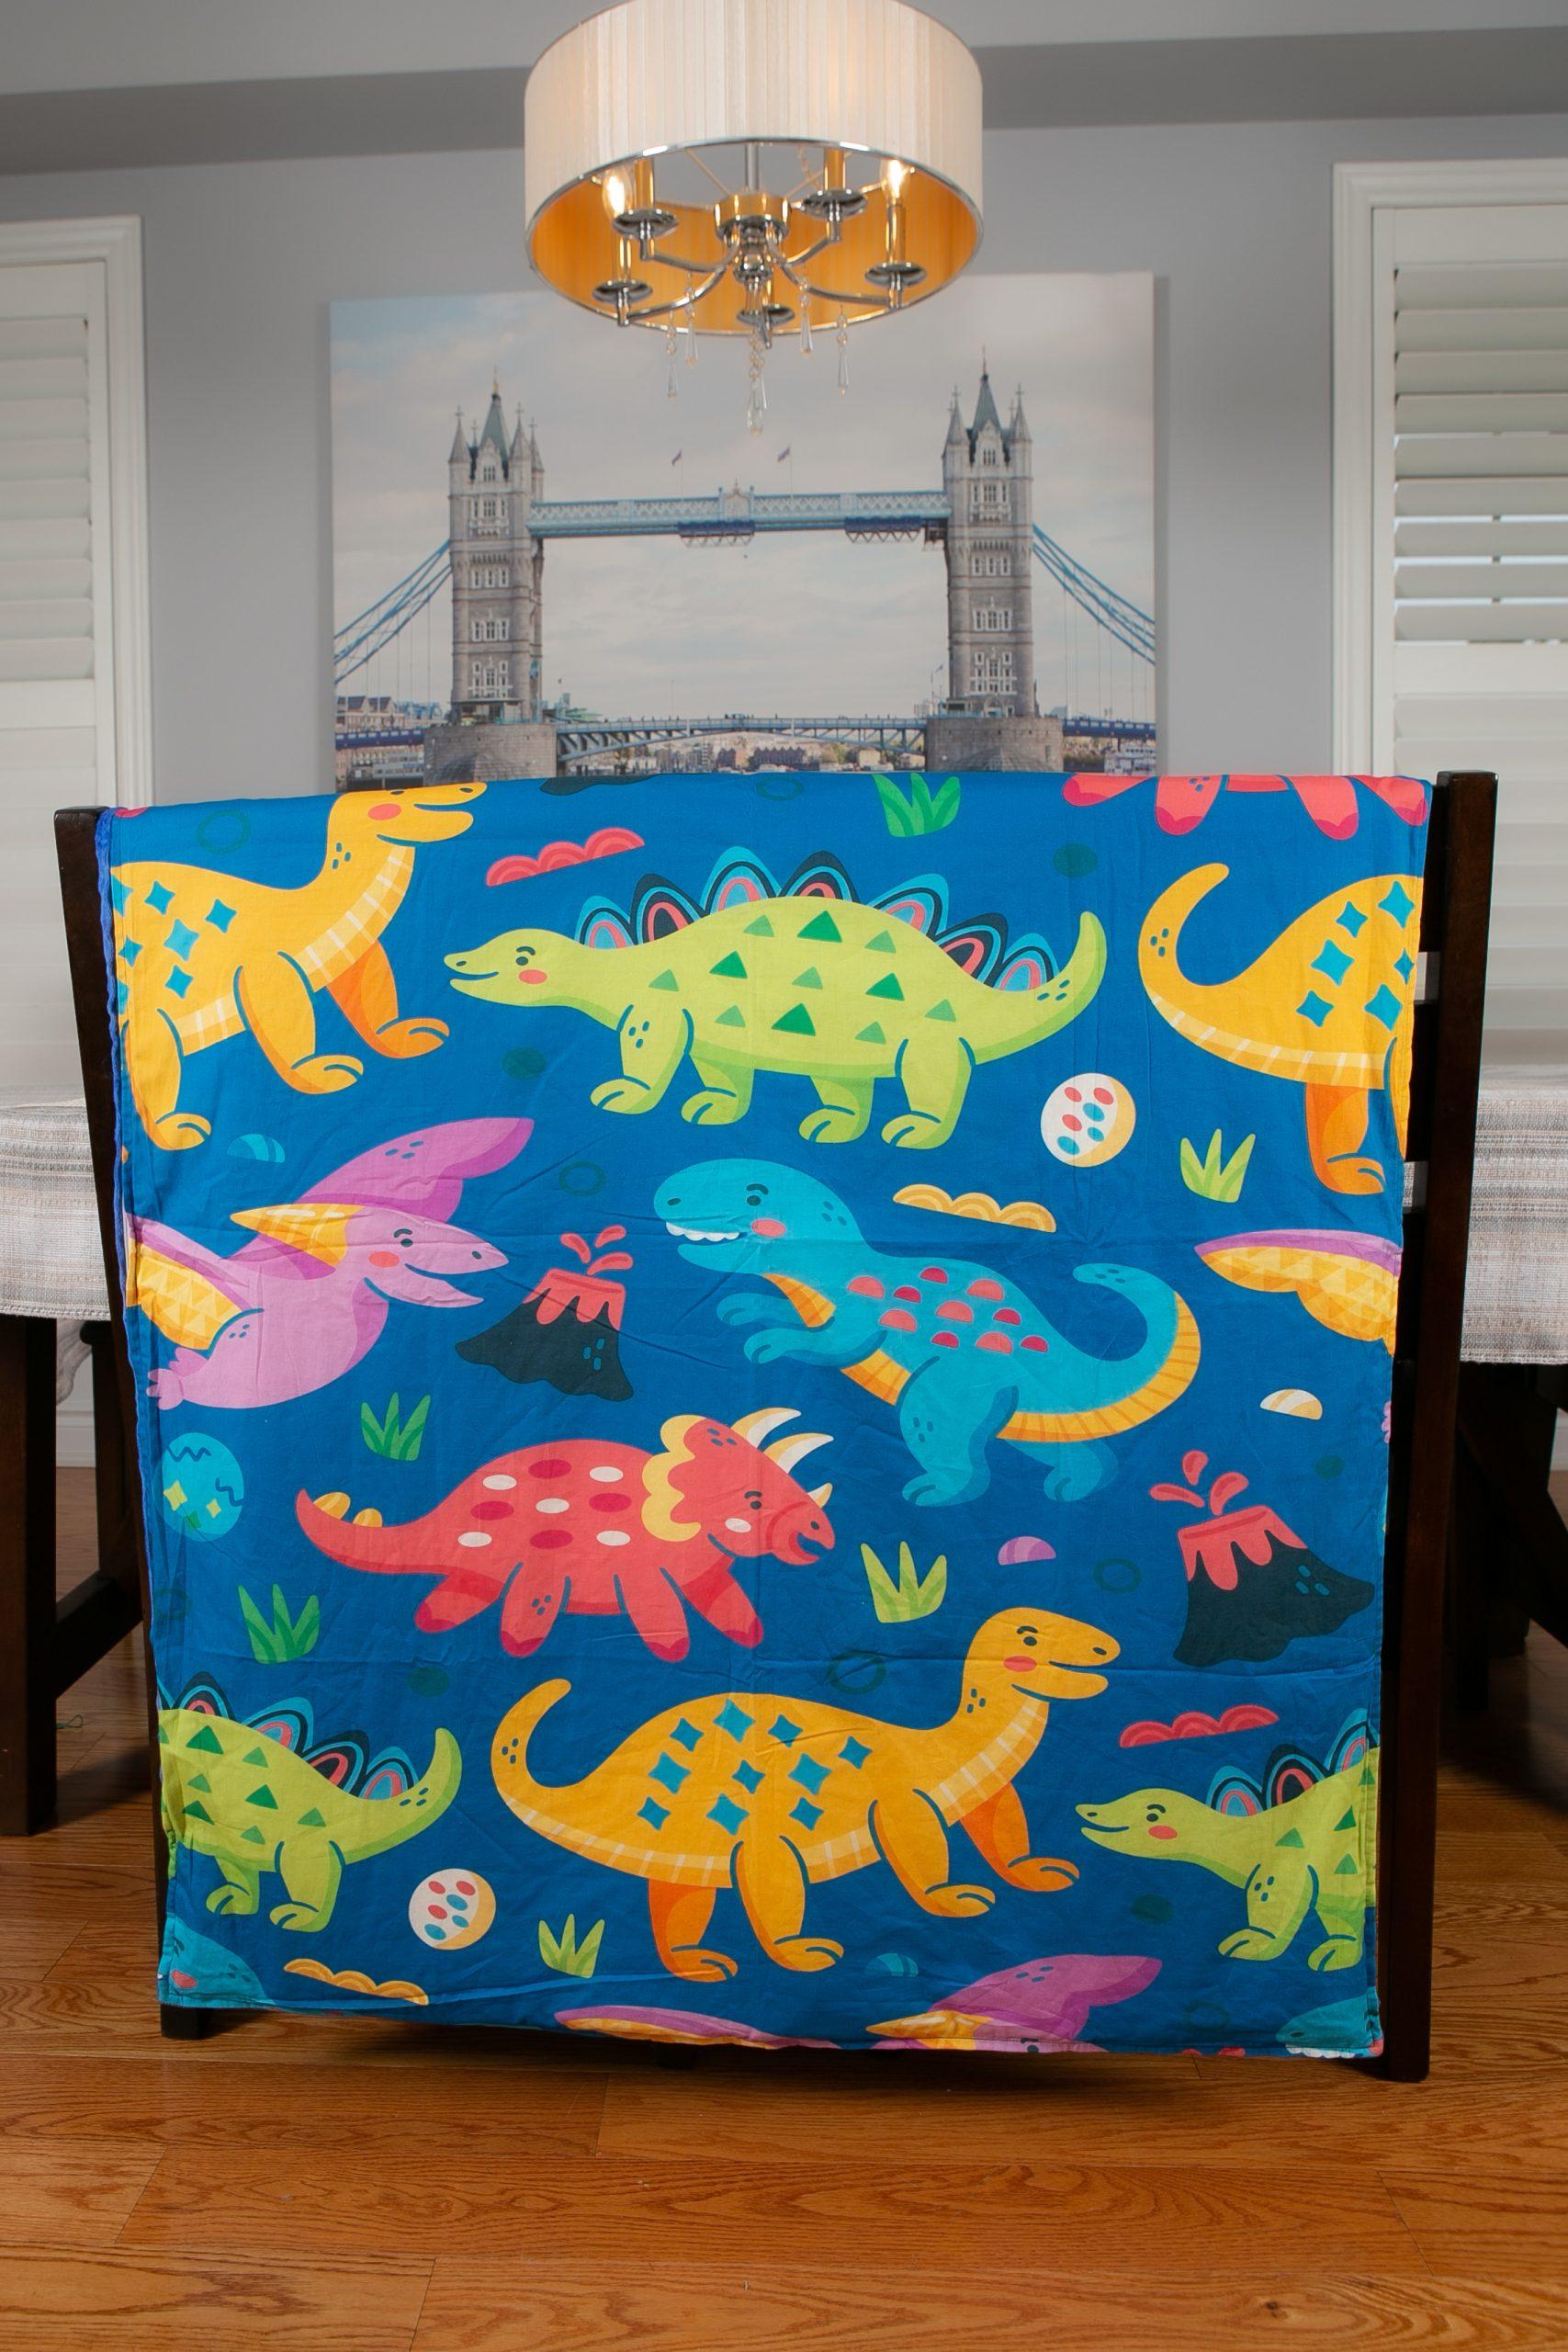 ZOALA blanket dinosaur pattern.